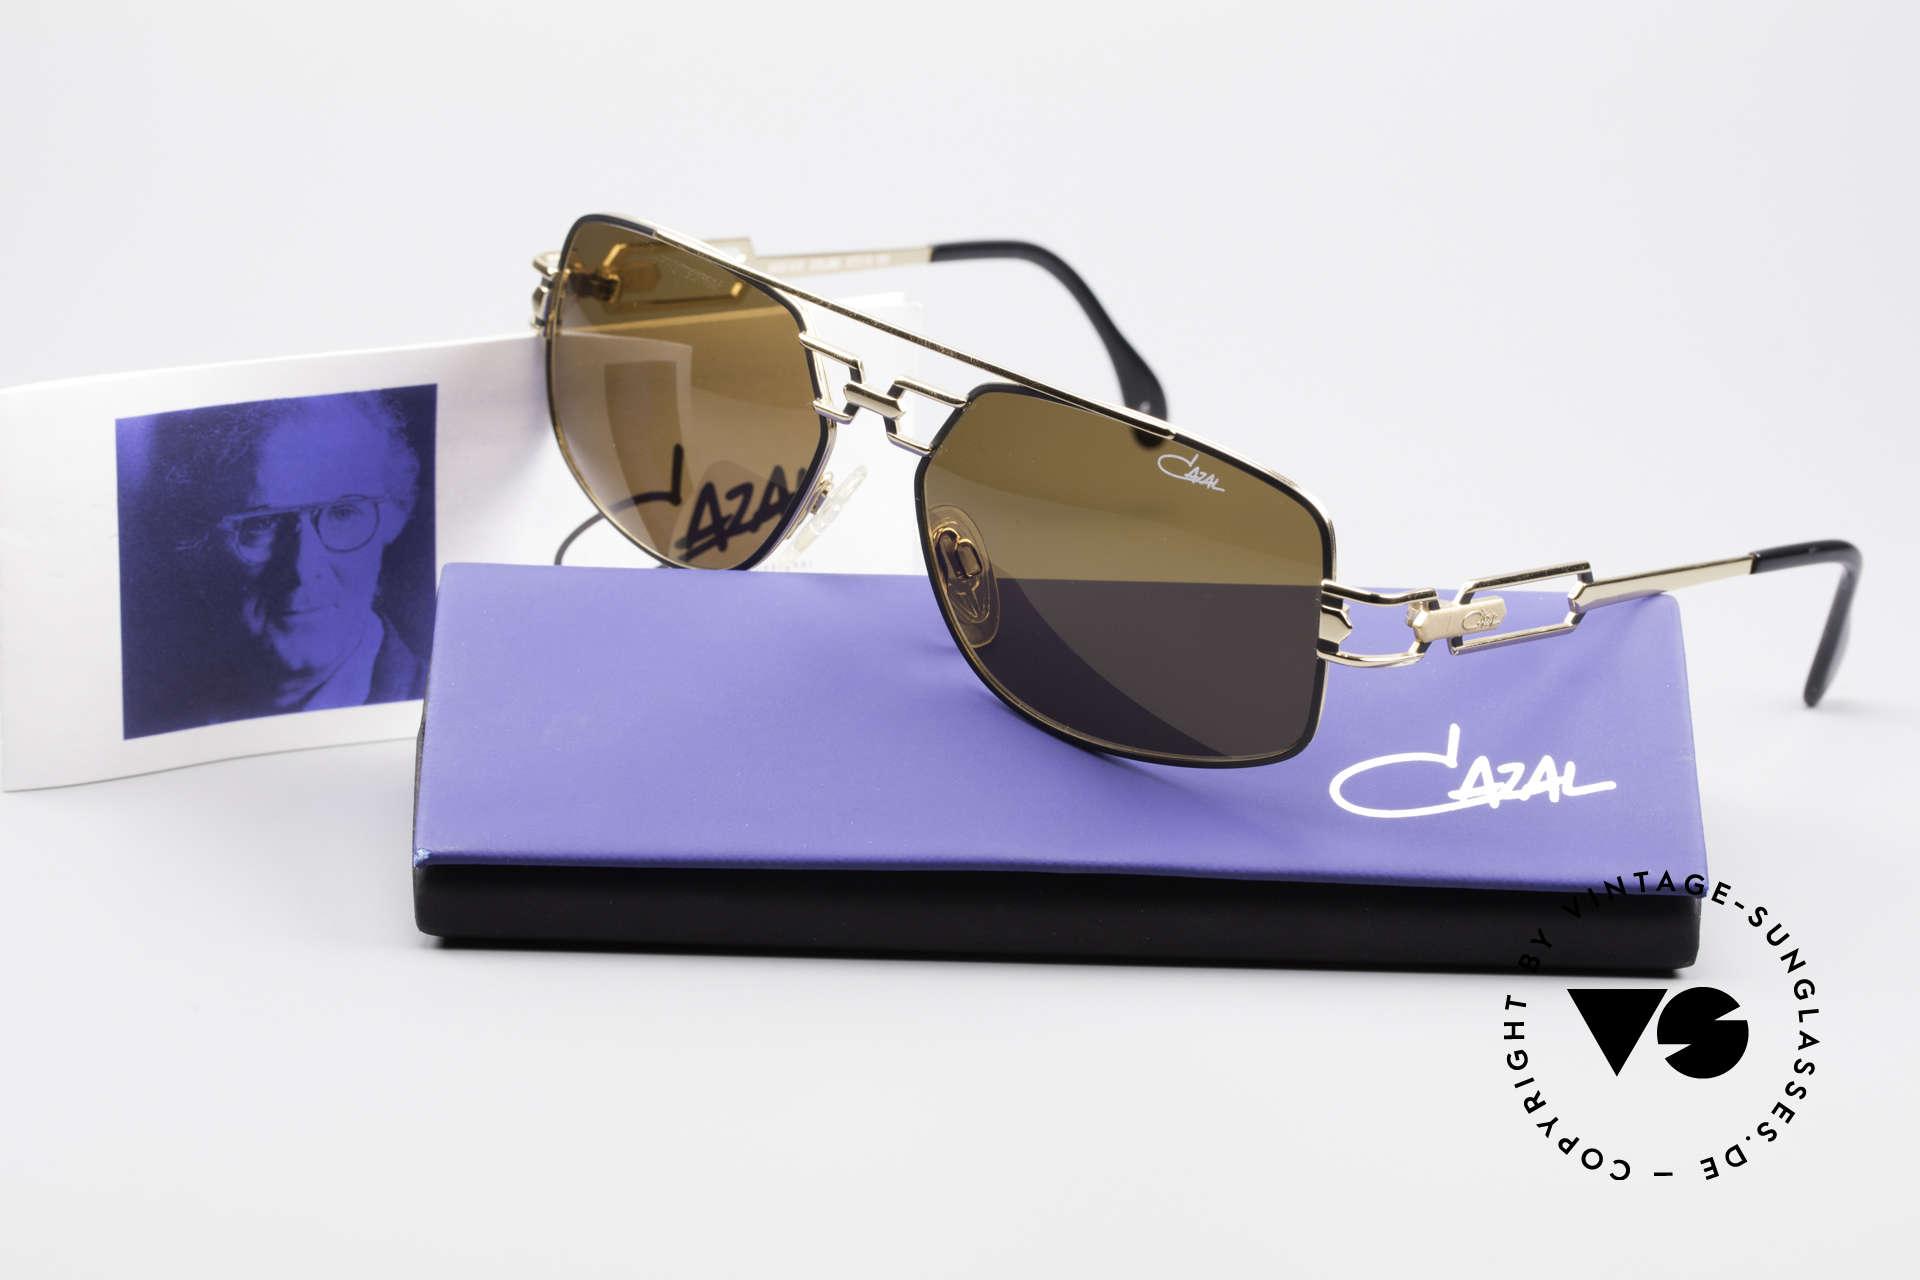 Cazal 972 Echt 90er No Retro Sonnenbrille, braune orig. Cazal Sonnengläser für 100% UV Protection, Passend für Herren und Damen